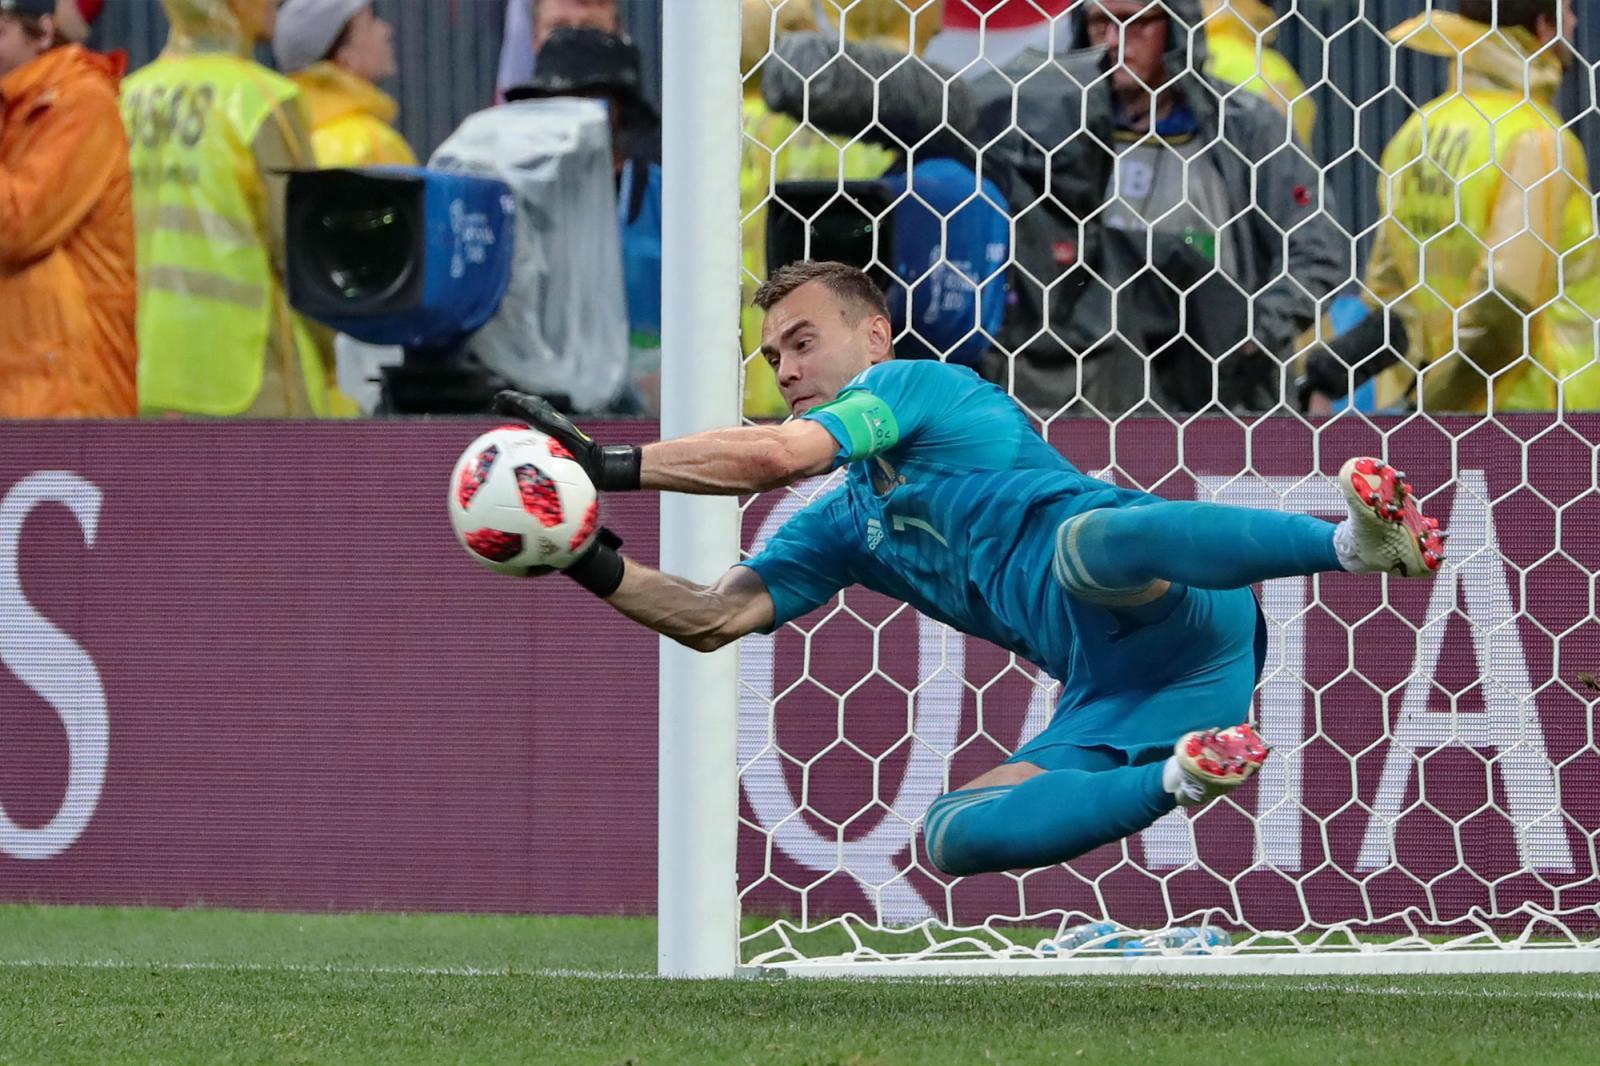 «Они очень слабые!»: проигравшие испанцы высказались о российских футболистах